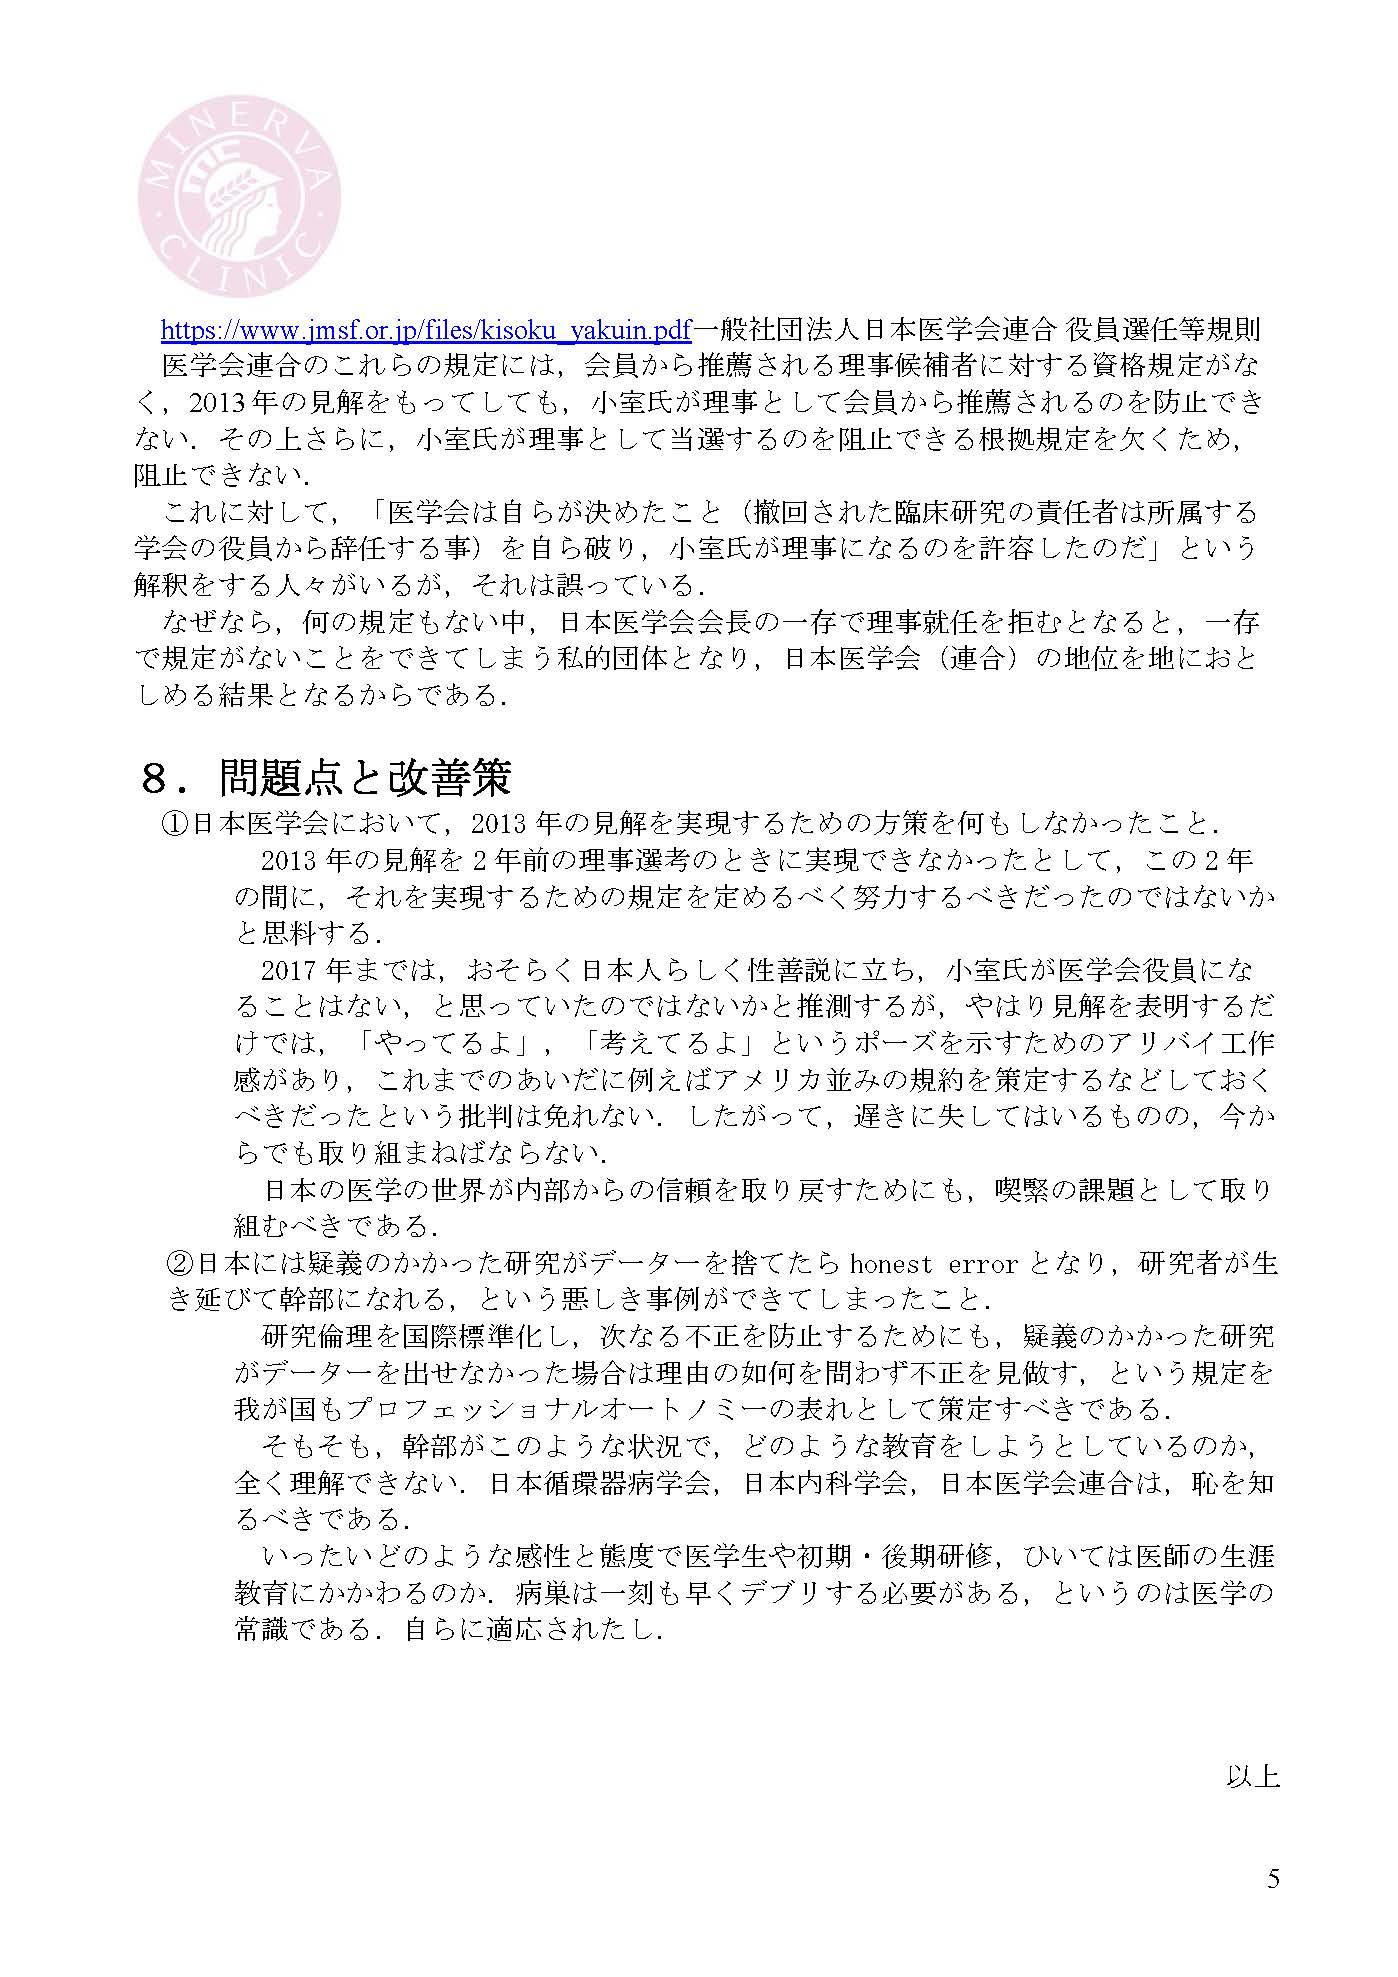 小室問題こっちが正しいバージョン2019060101_ページ_5